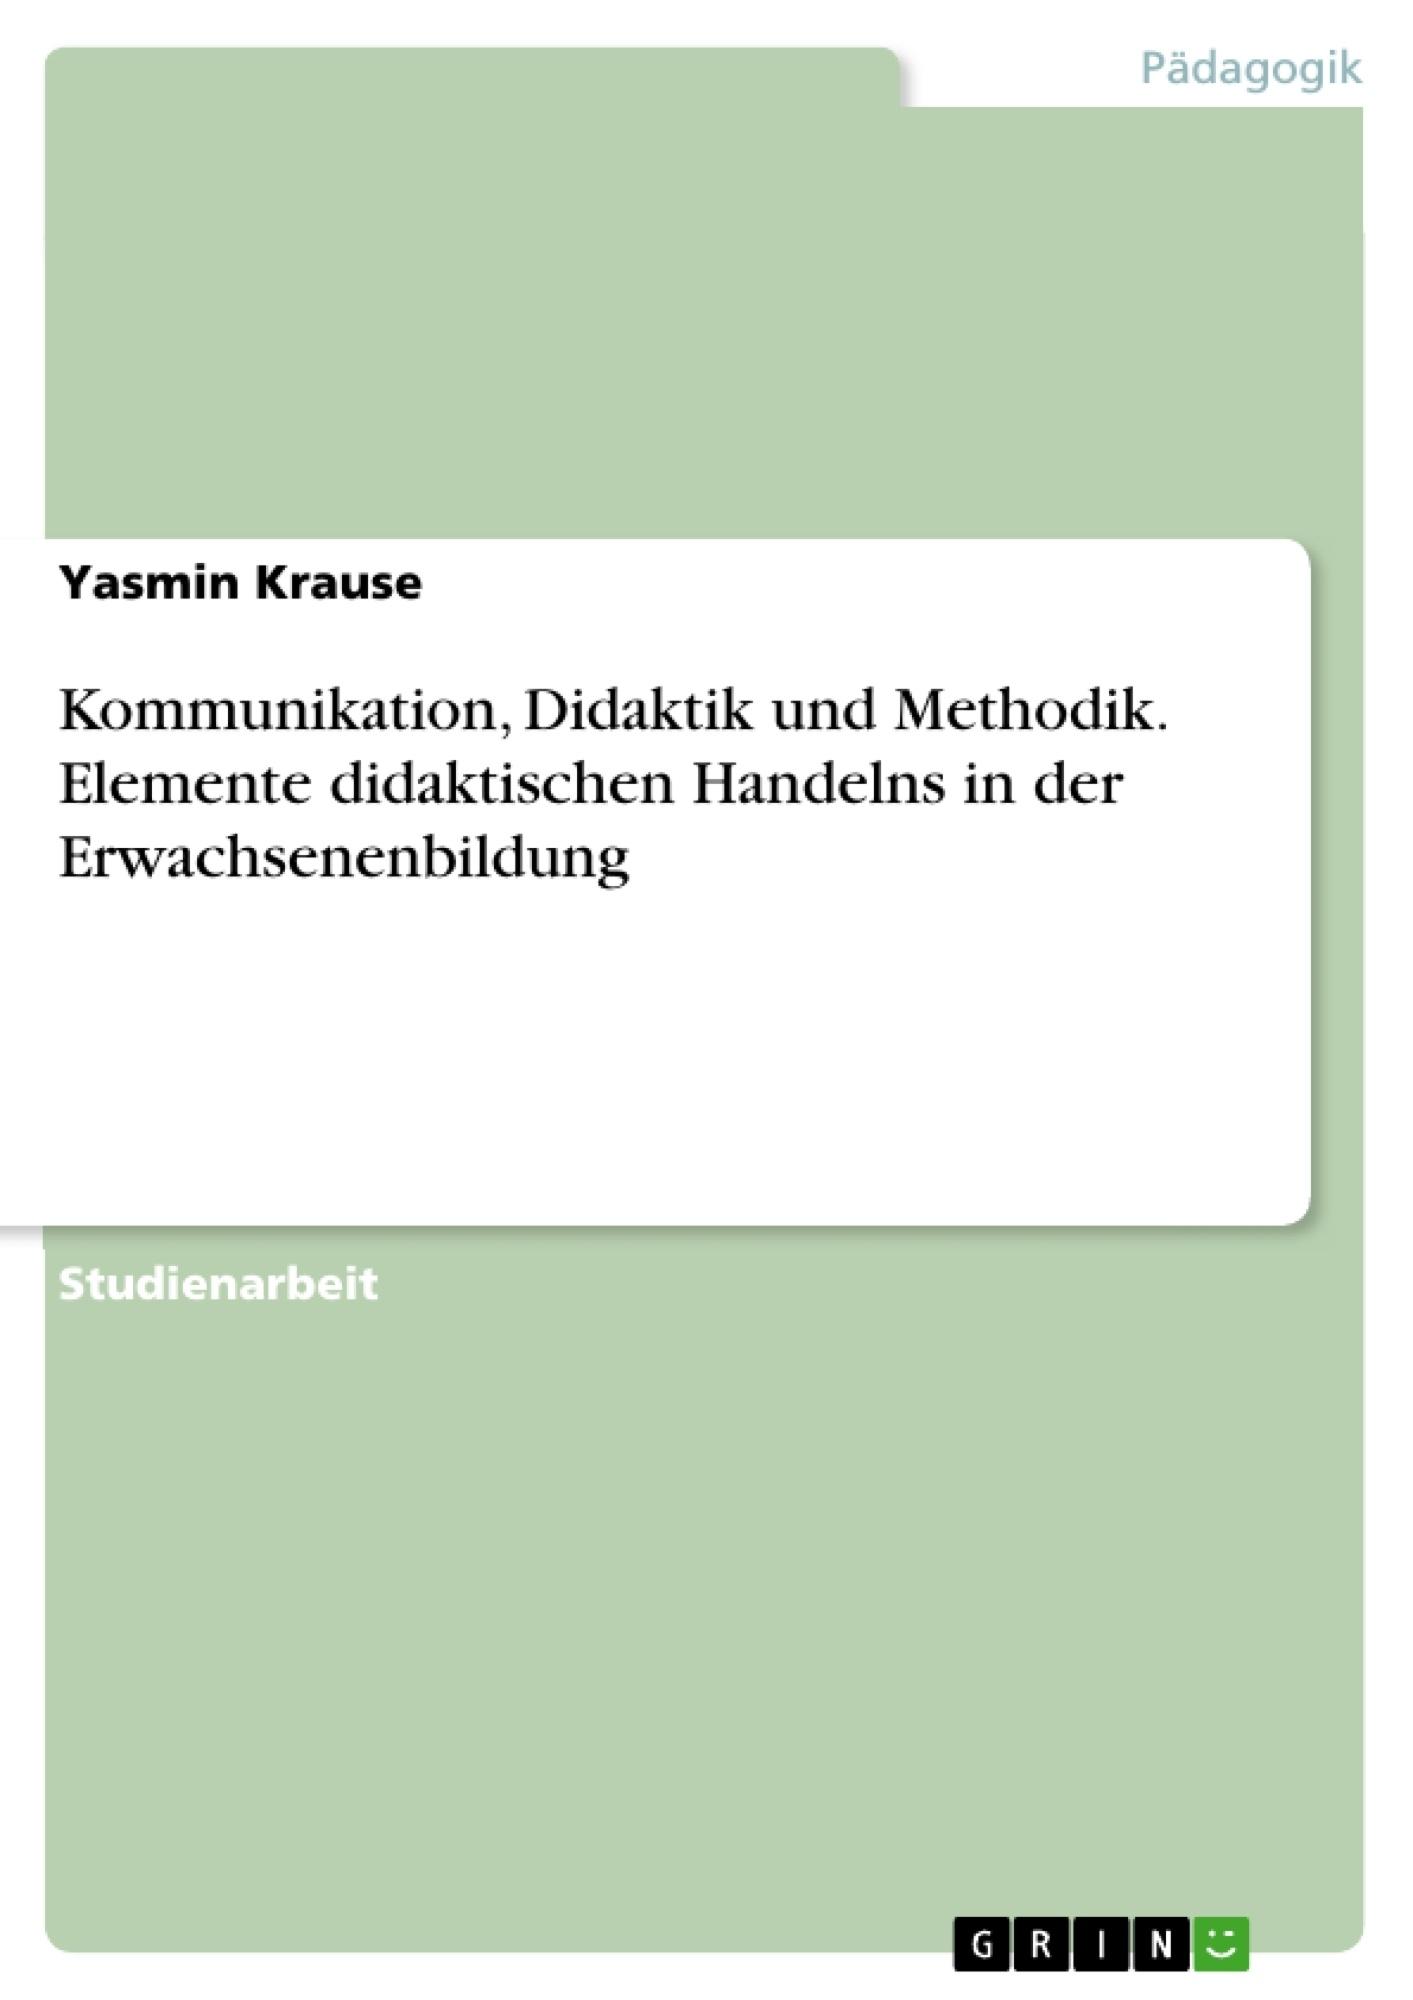 Titel: Kommunikation, Didaktik und Methodik. Elemente didaktischen Handelns in der Erwachsenenbildung